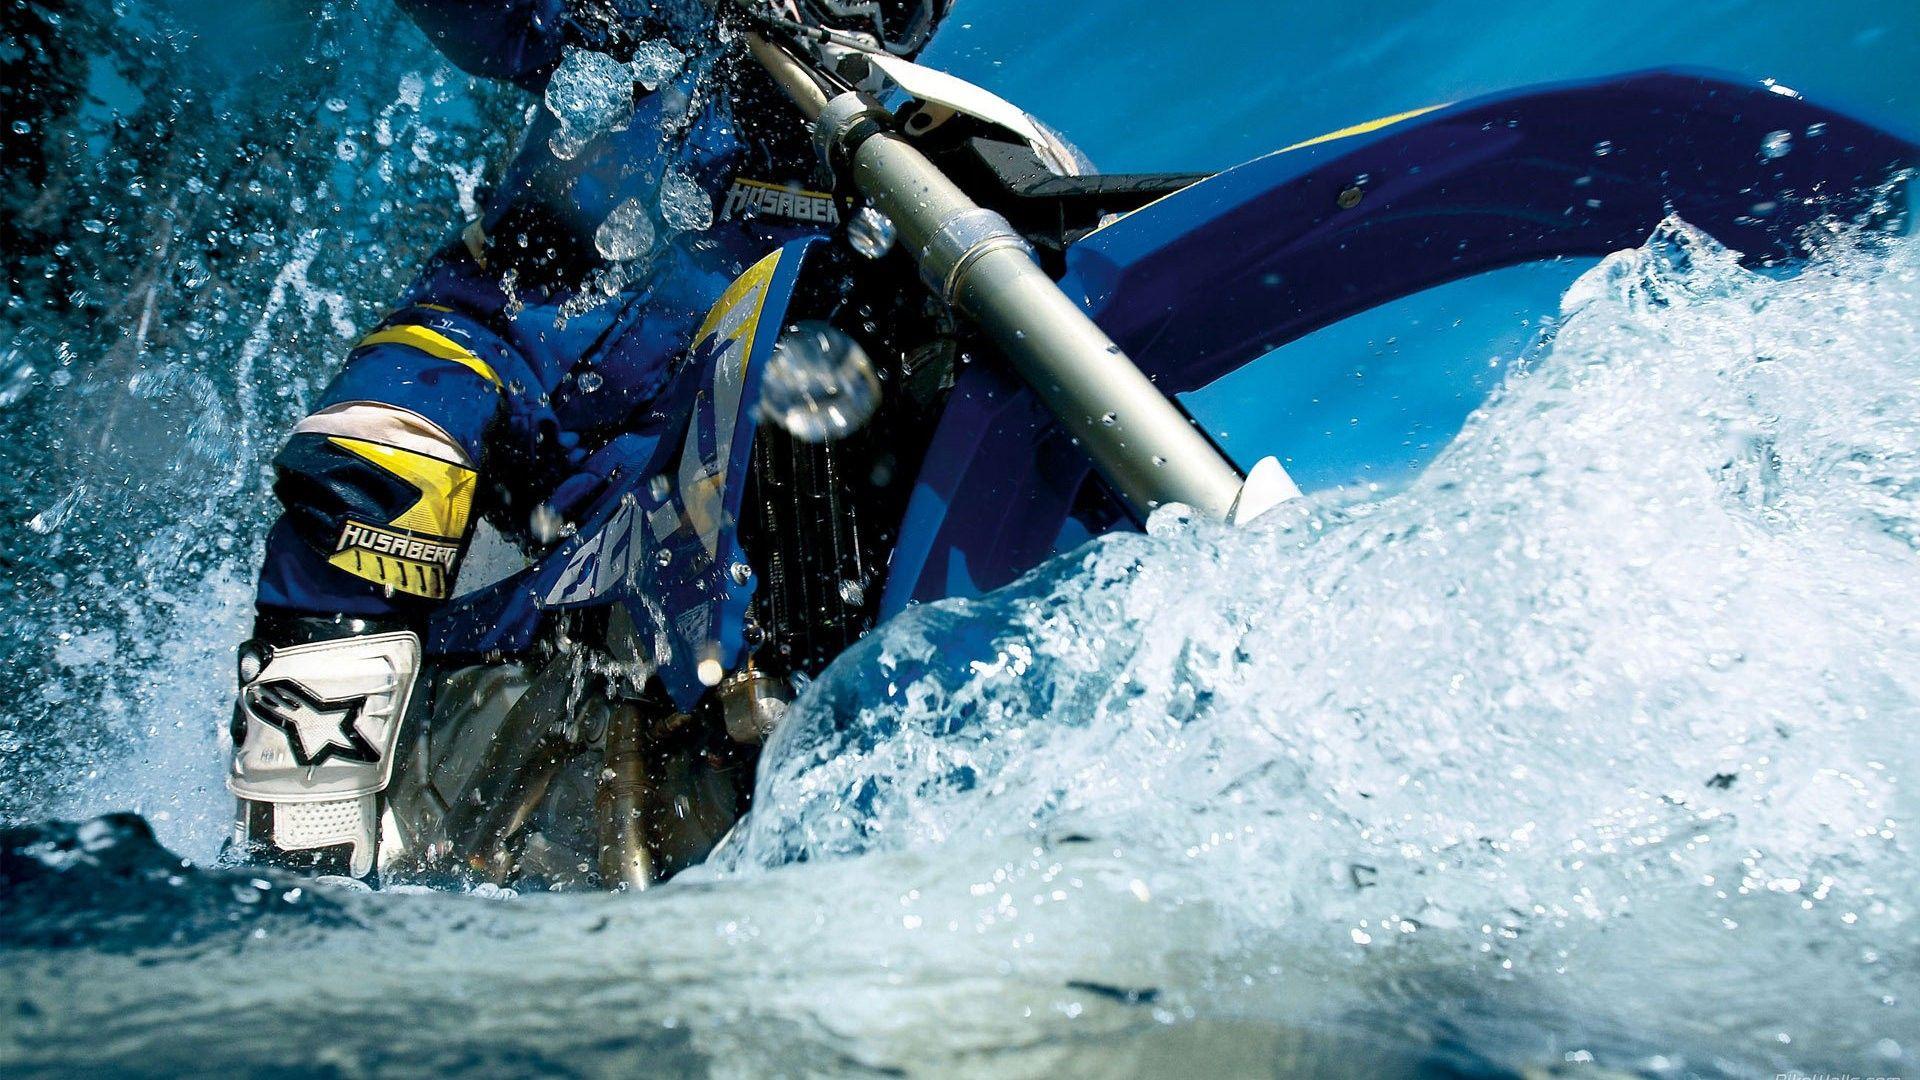 Monster Energy Motocross HD Desktop Wallpaper Widescreen High